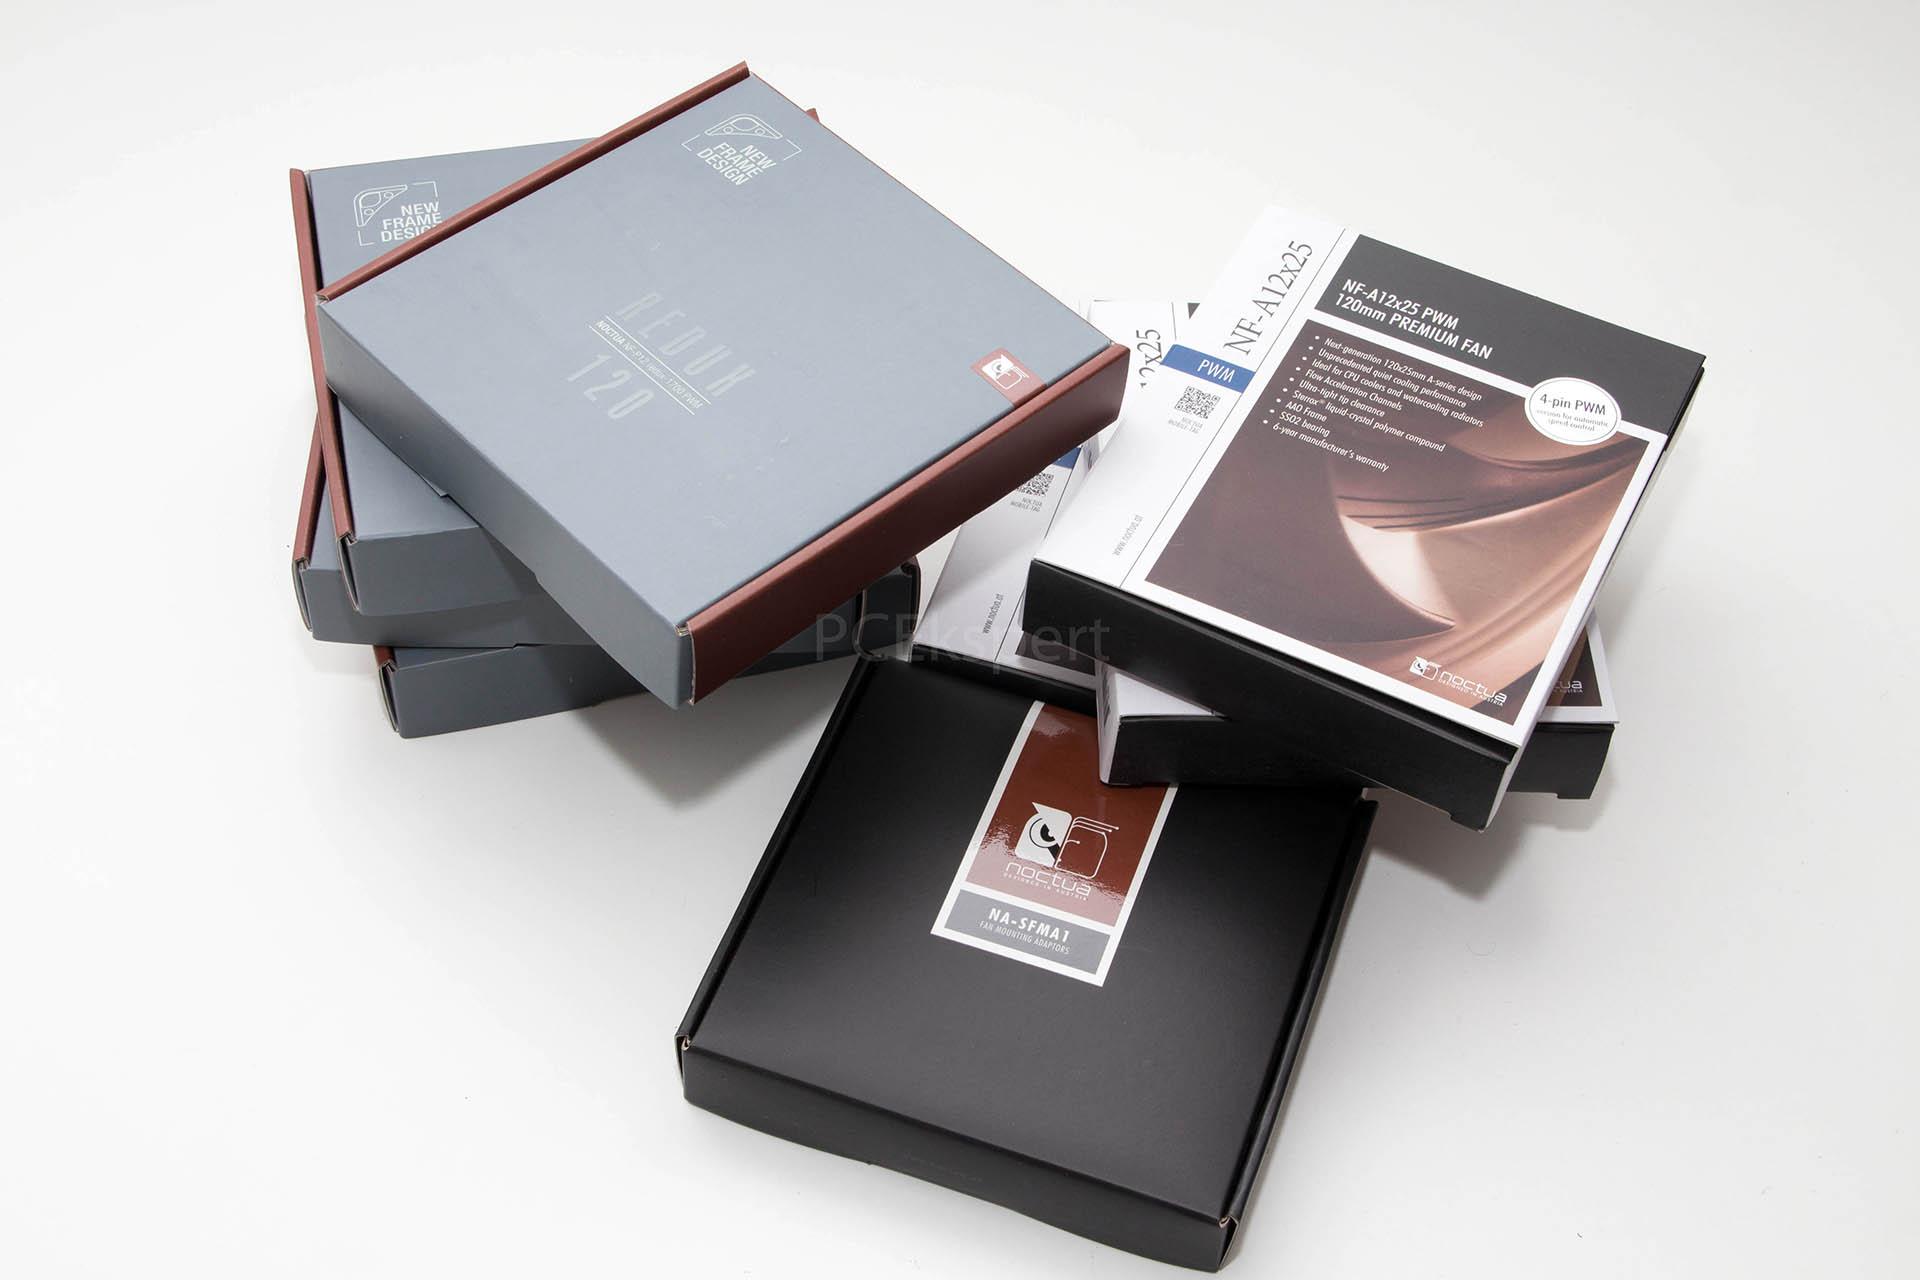 Brzi test - Noctua NF-A12x25 i NF-P12 Redux ventilatori